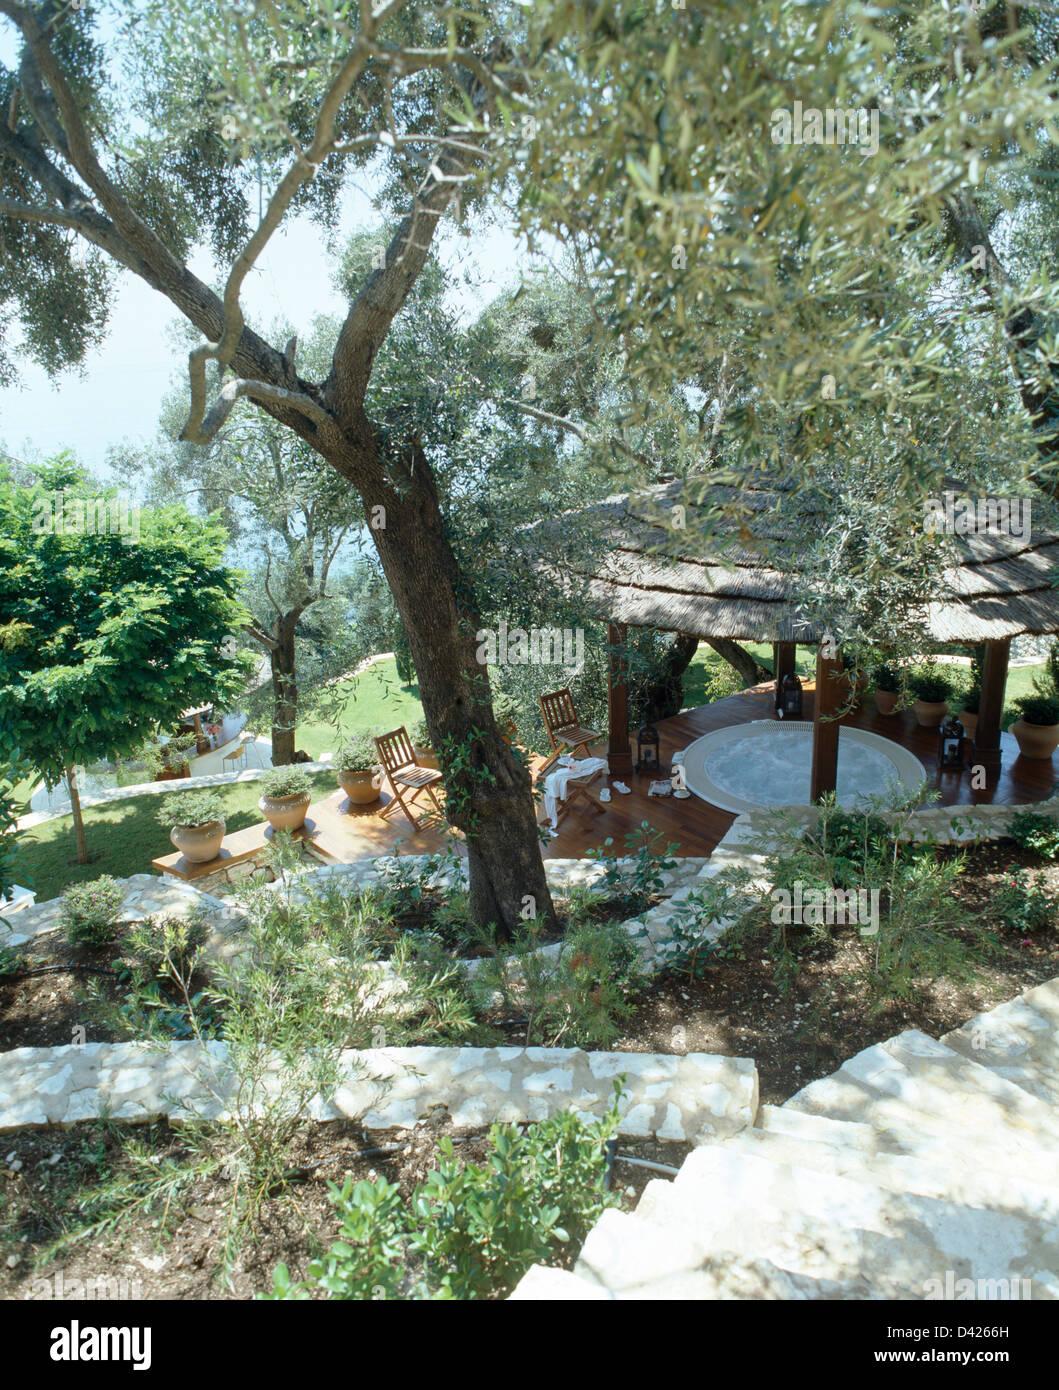 Olivenbaum in Hang Garten mit Blick auf den Pavillon mit Reetdach ...